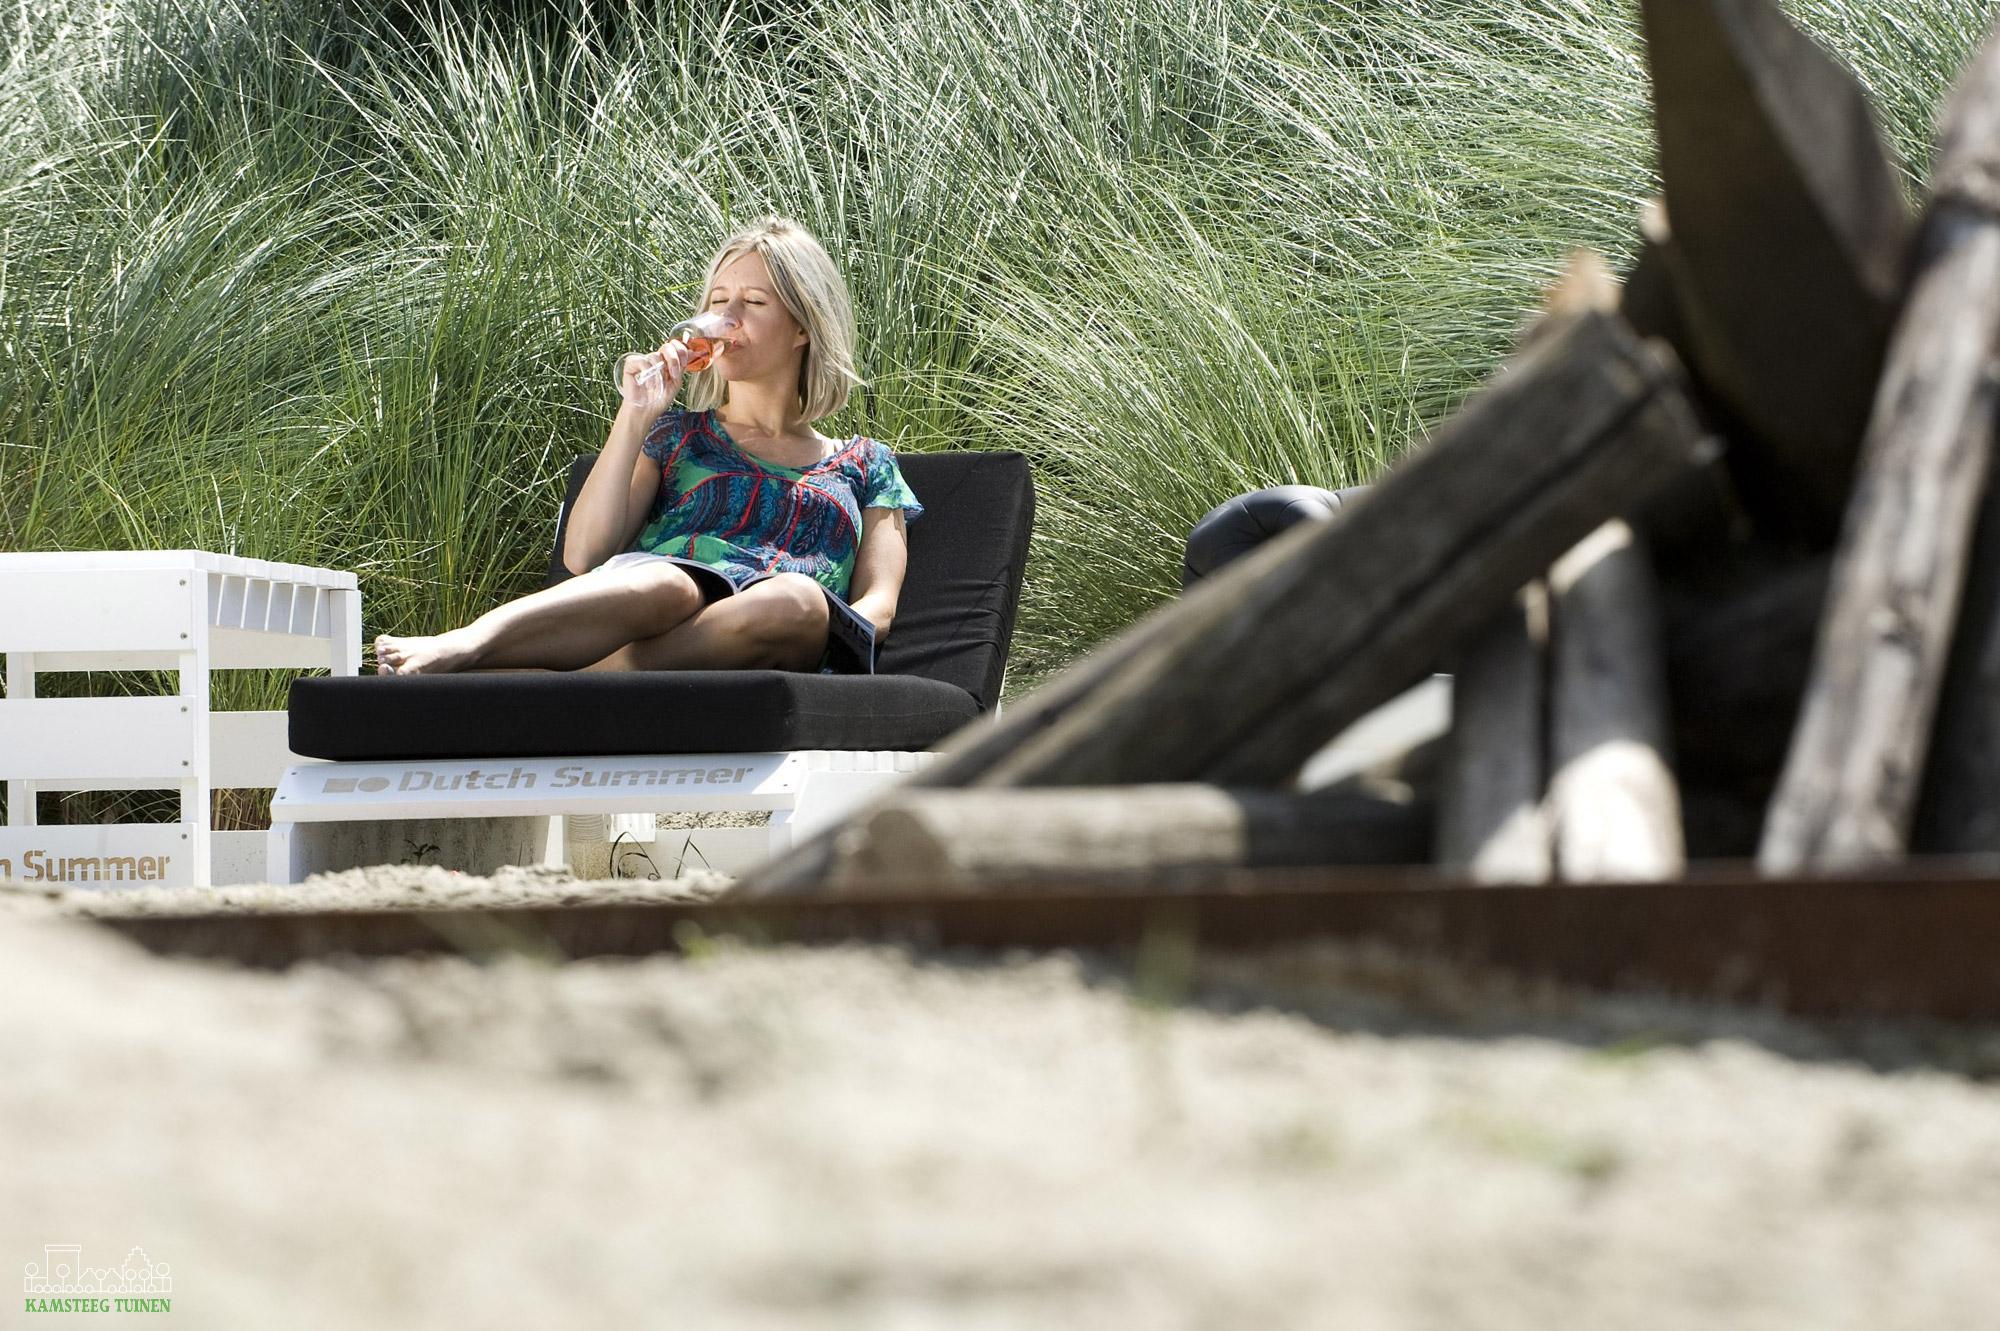 Kamsteeg tuinen de strandtuin een vakantiegevoel bij u thuis